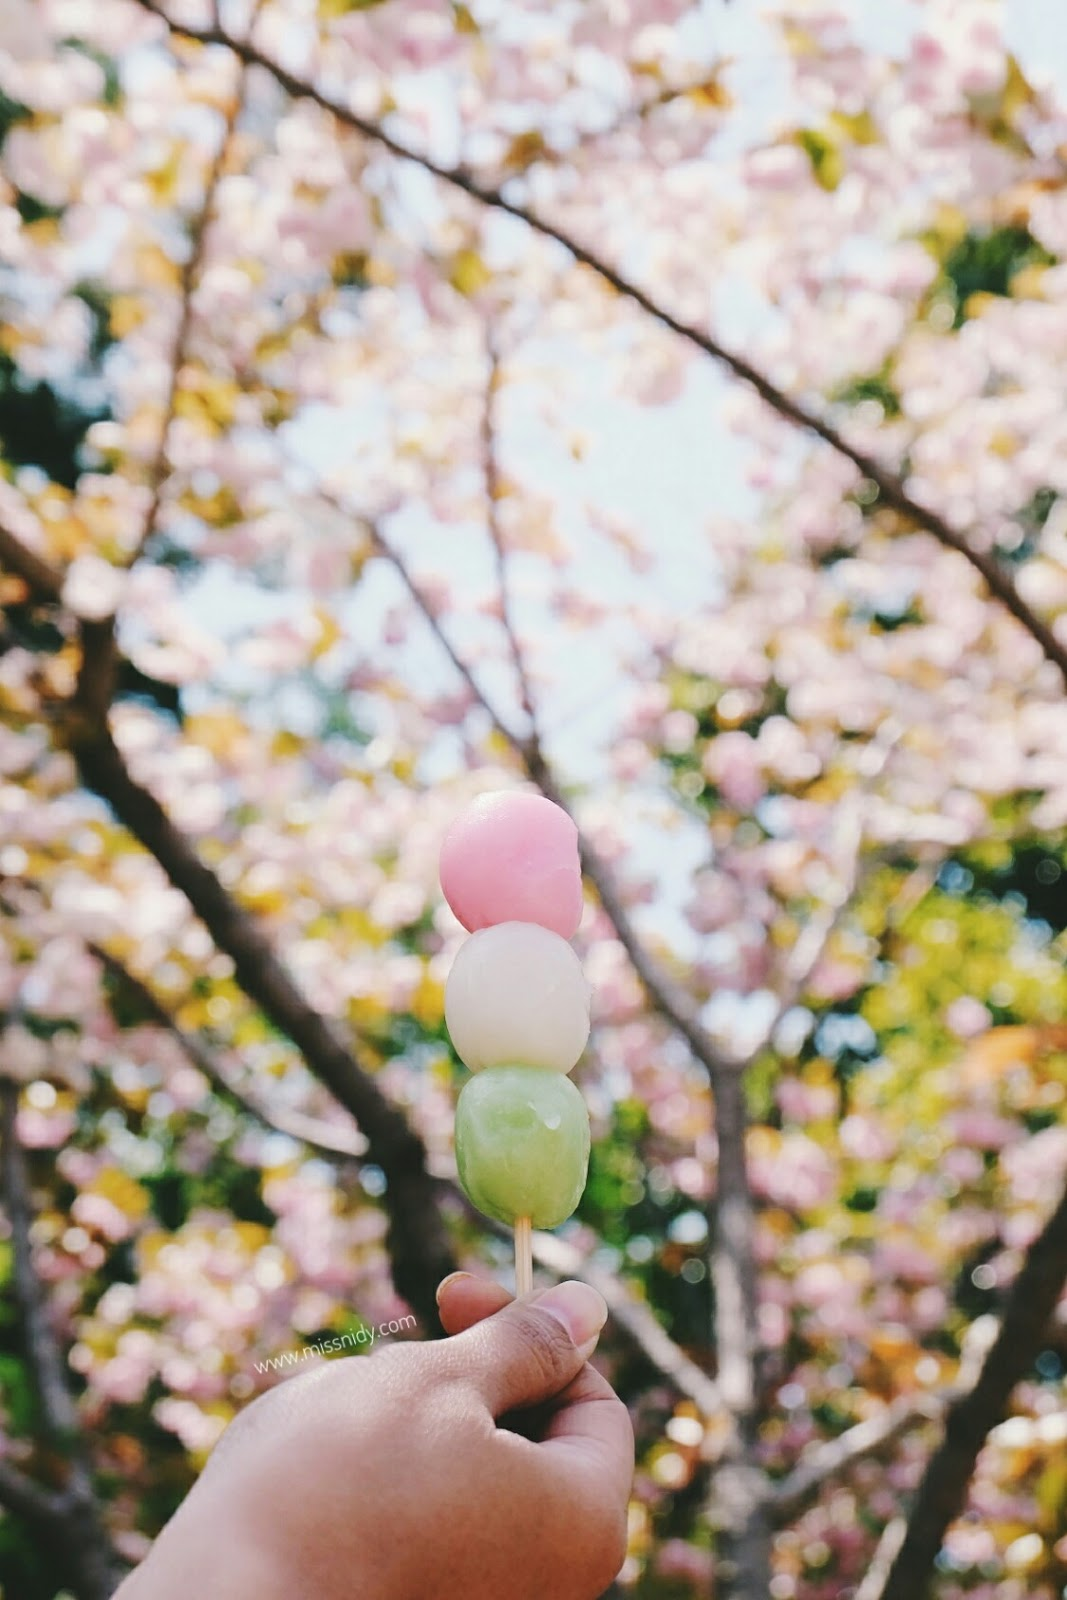 dango in spring